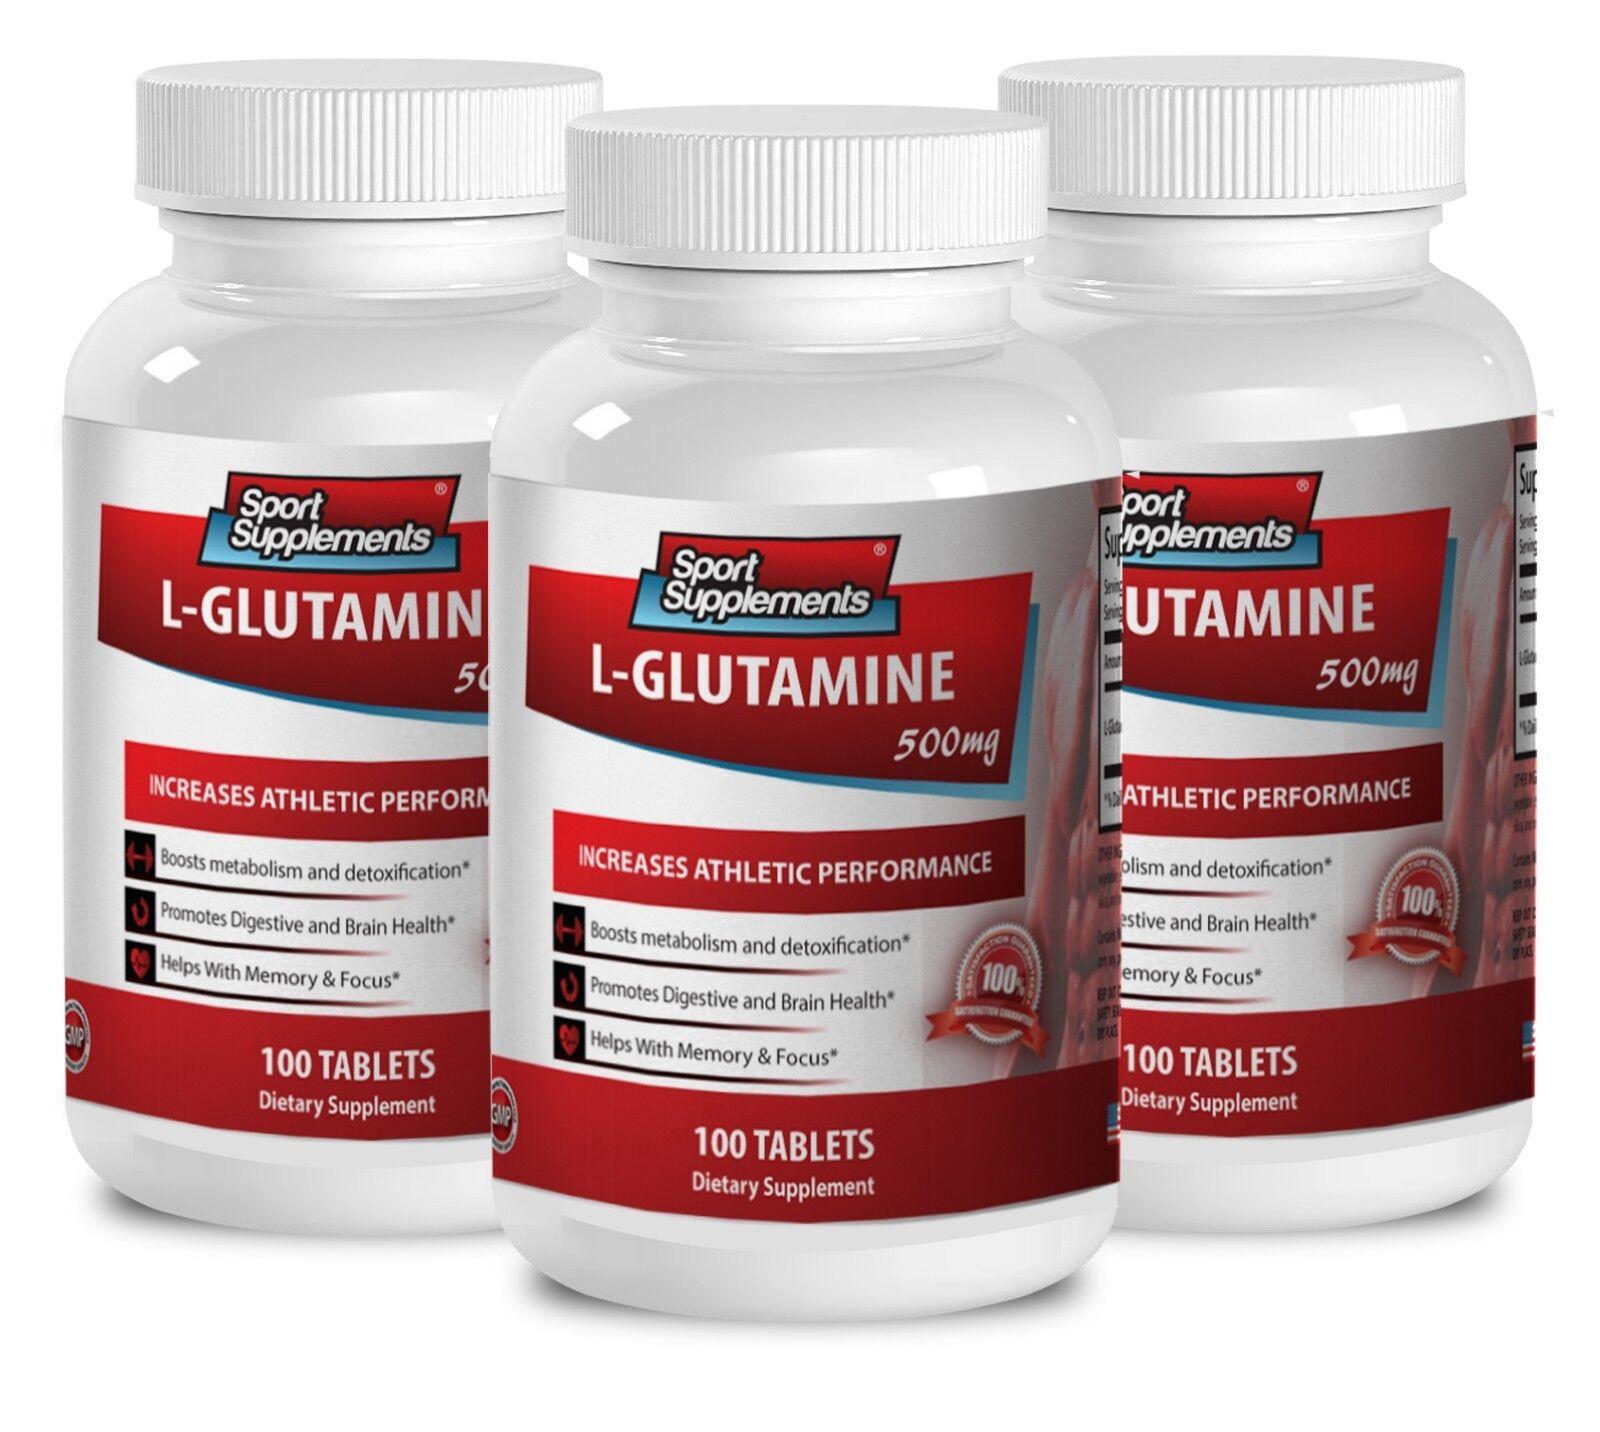 Improves Metabolism Tablets - L-glutamine 500mg - Natural...